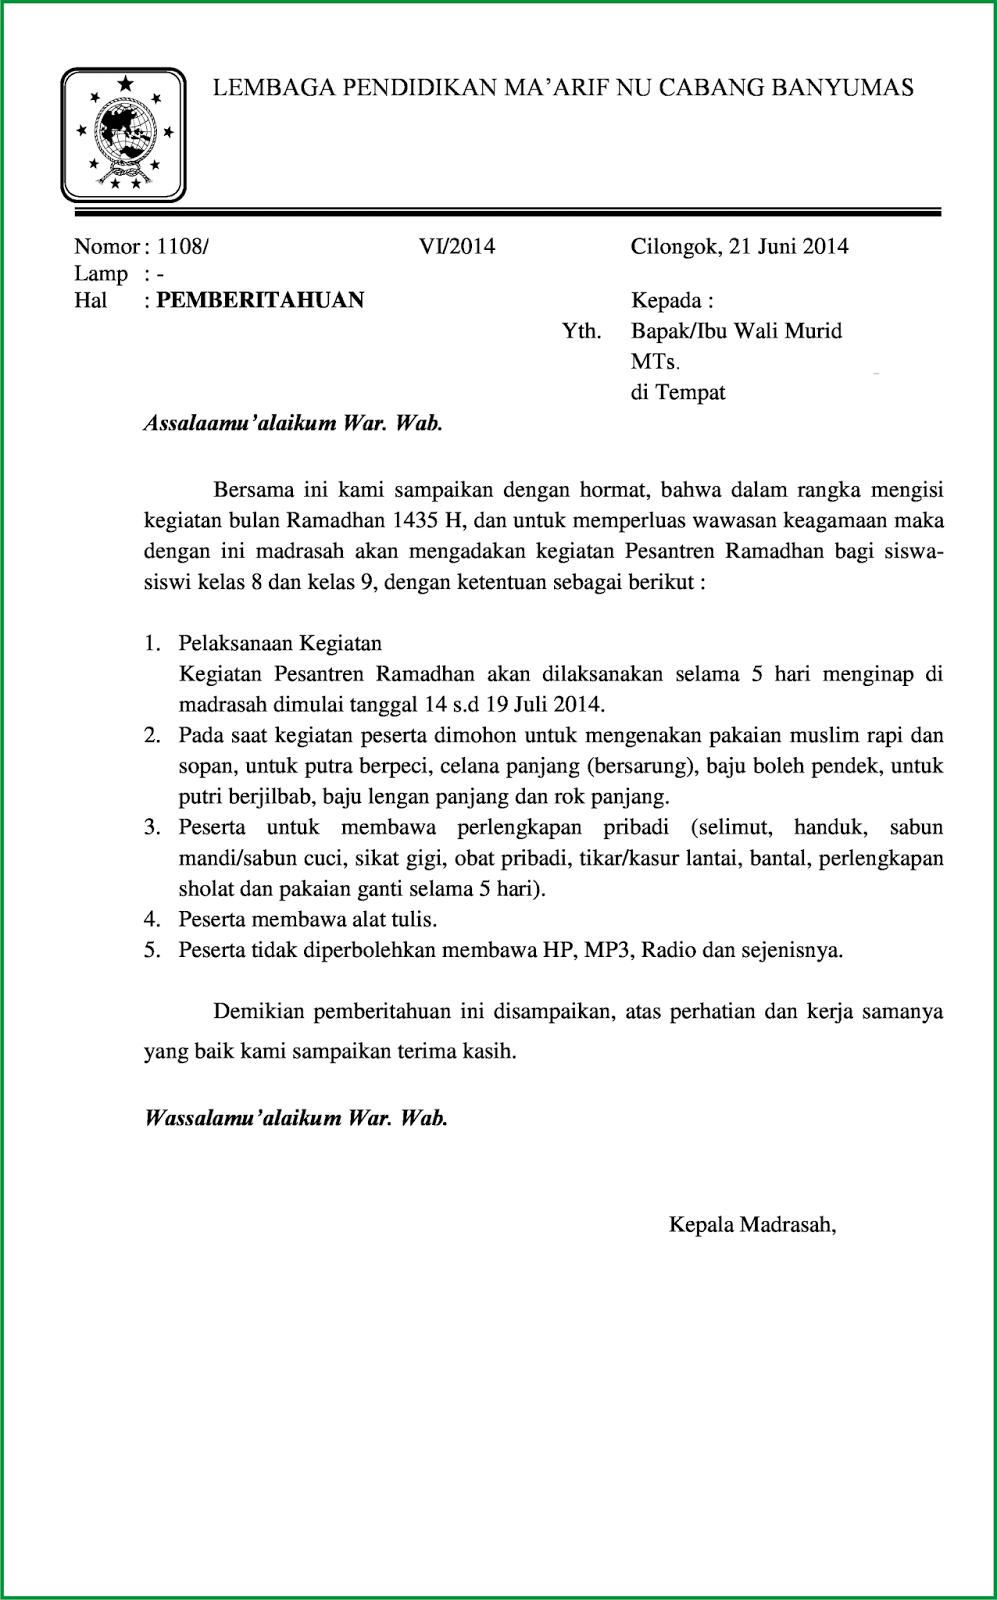 Surat Pemberitahuan Pesantren Kilatramadhan 1435 H